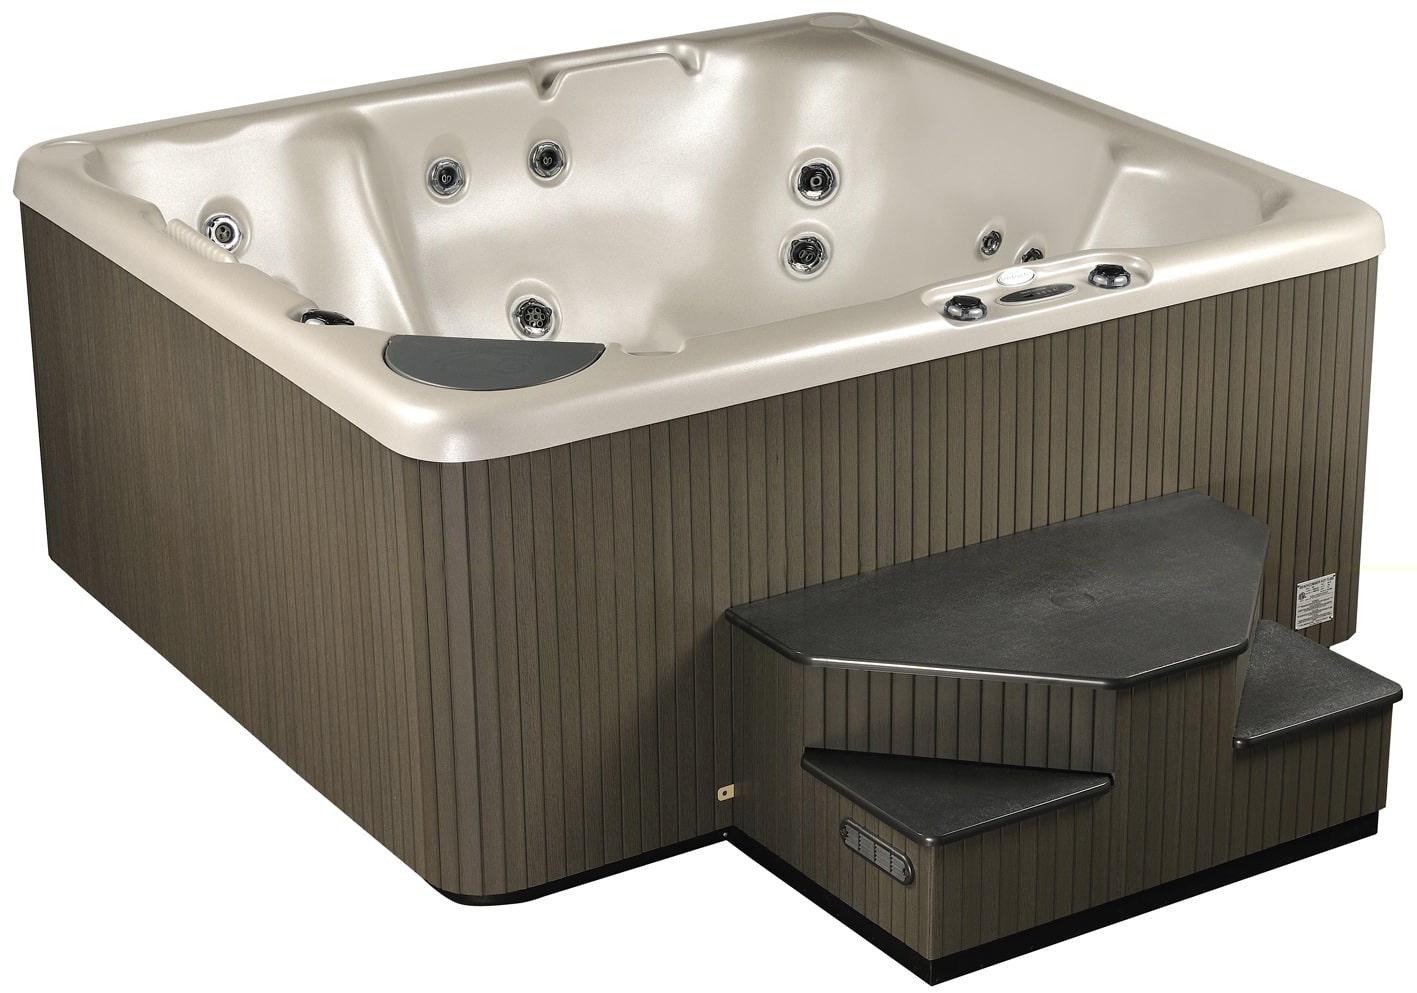 Home hybrid hot tub